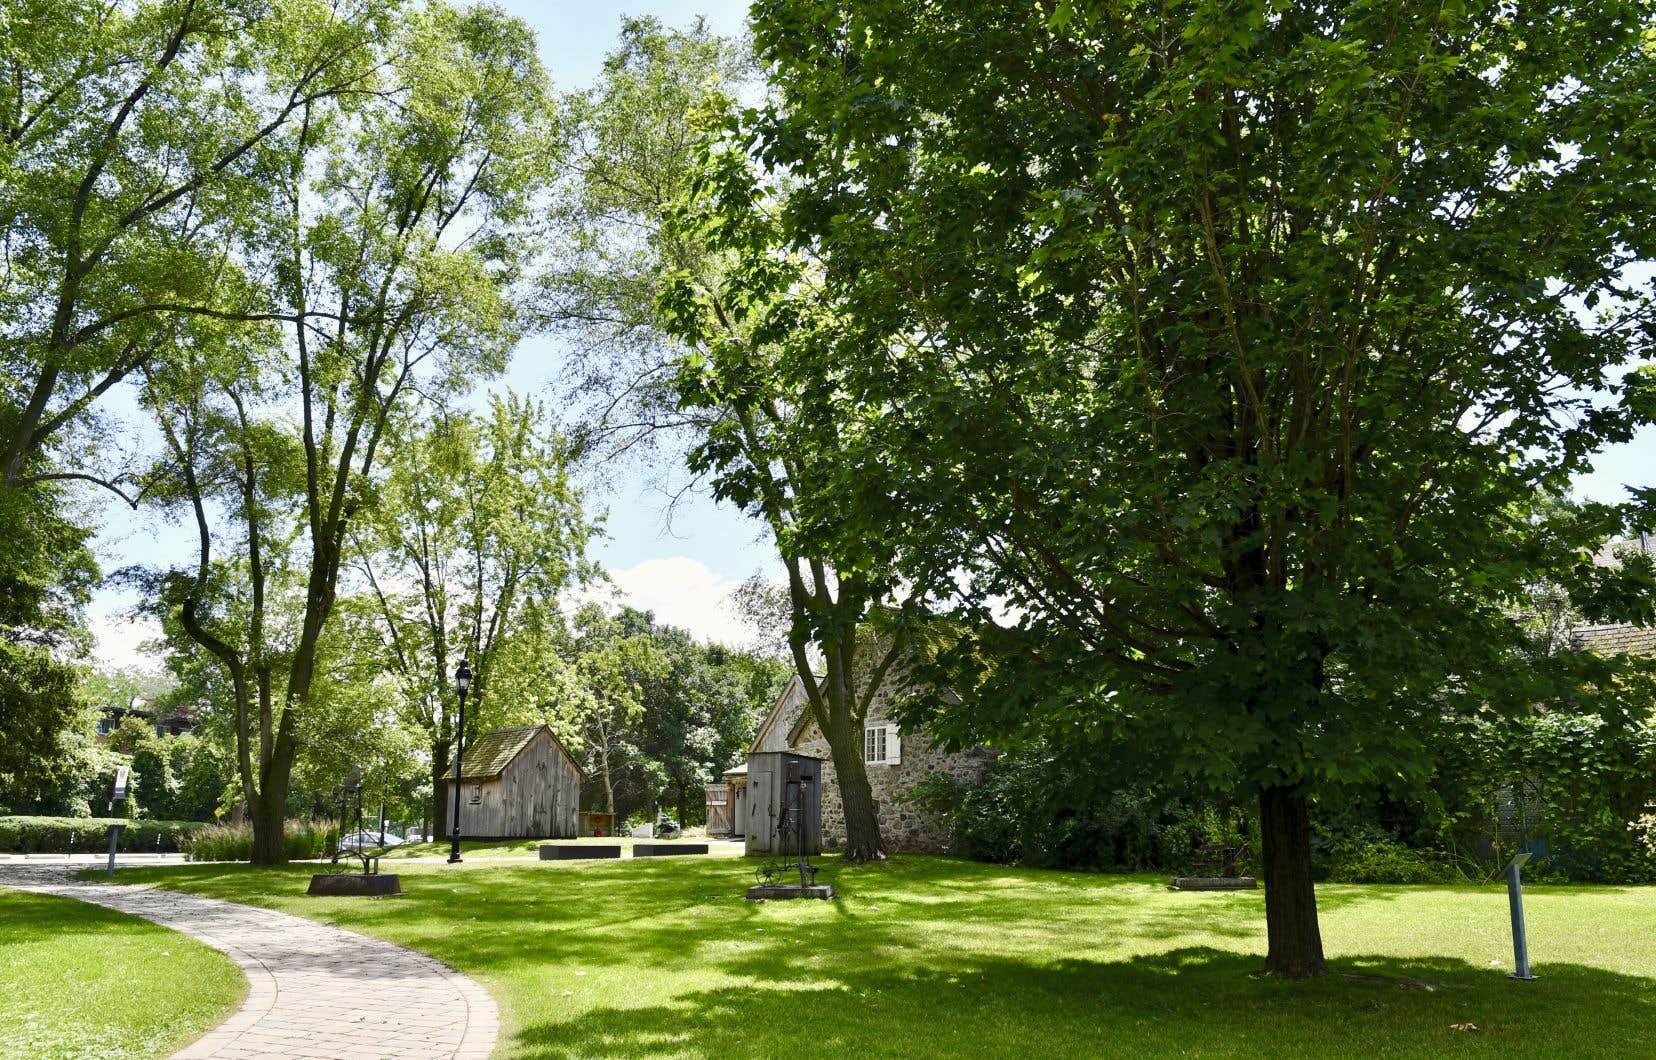 L'activité «Contes et pique-nique» se déroulera à l'ombre de beaux arbres face au lac Saint-Louis, sur le site patrimonial Le Ber-Le Moyne.